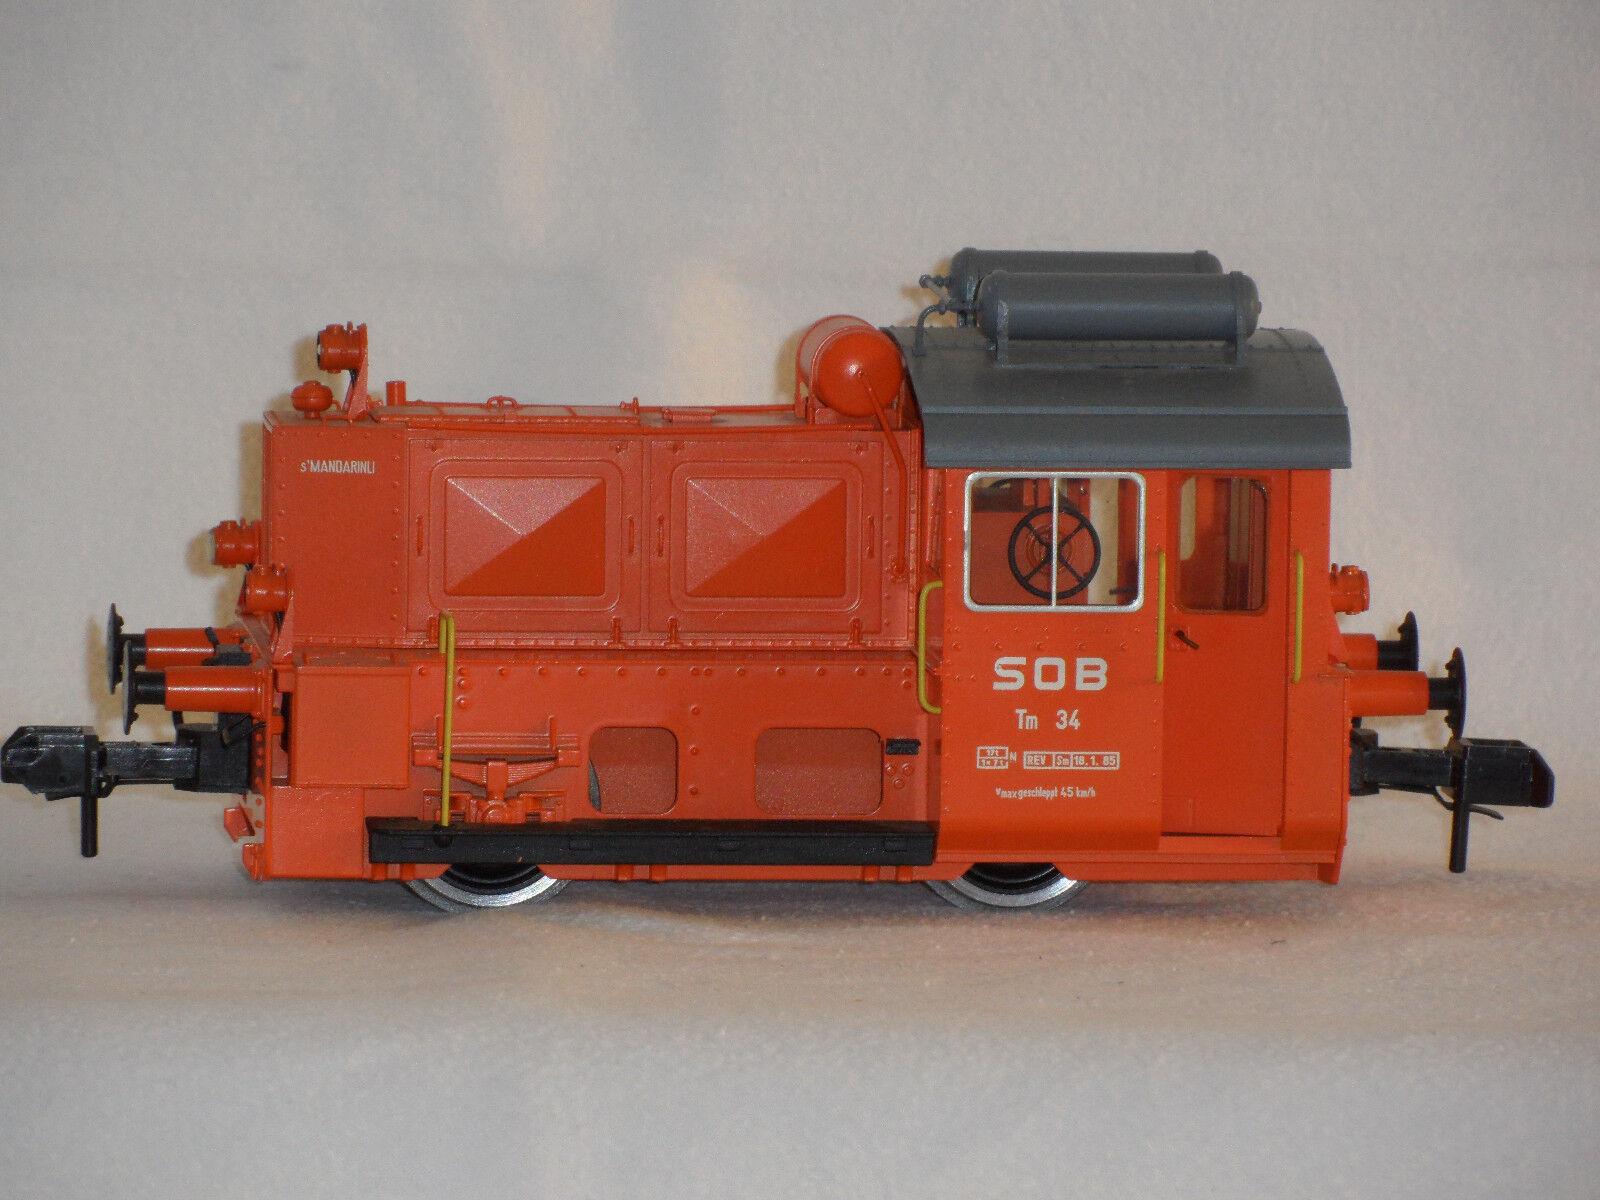 Märklin Spur 1 - Diesellokomotive 5577, Köf II TM 34, Mandarinli SOB